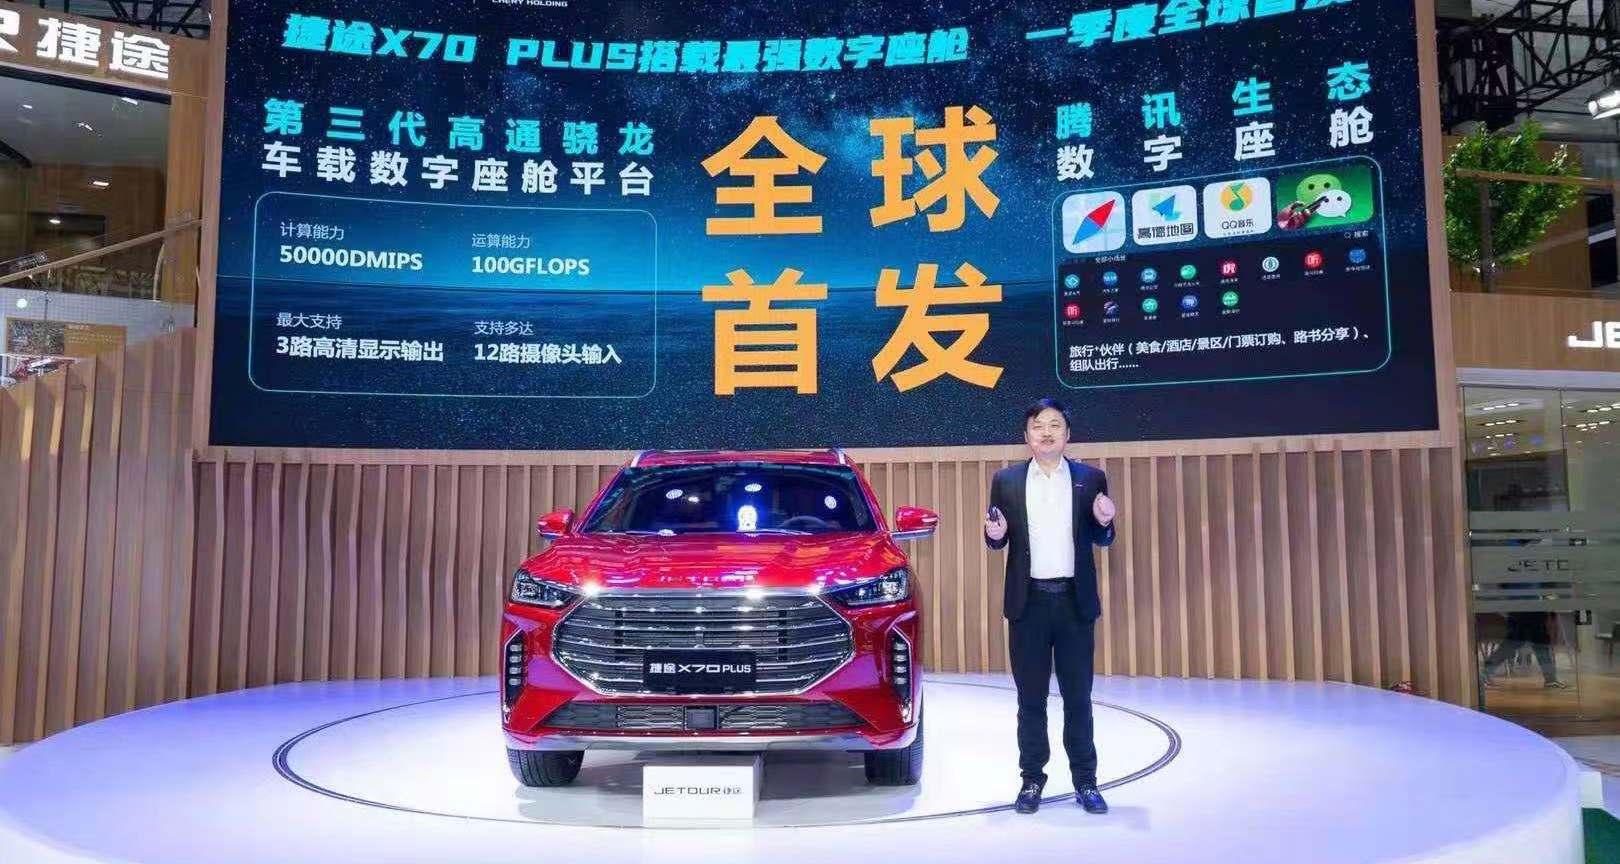 2020广州车展 | 双管齐下 捷途发布智能化与新能源新计划